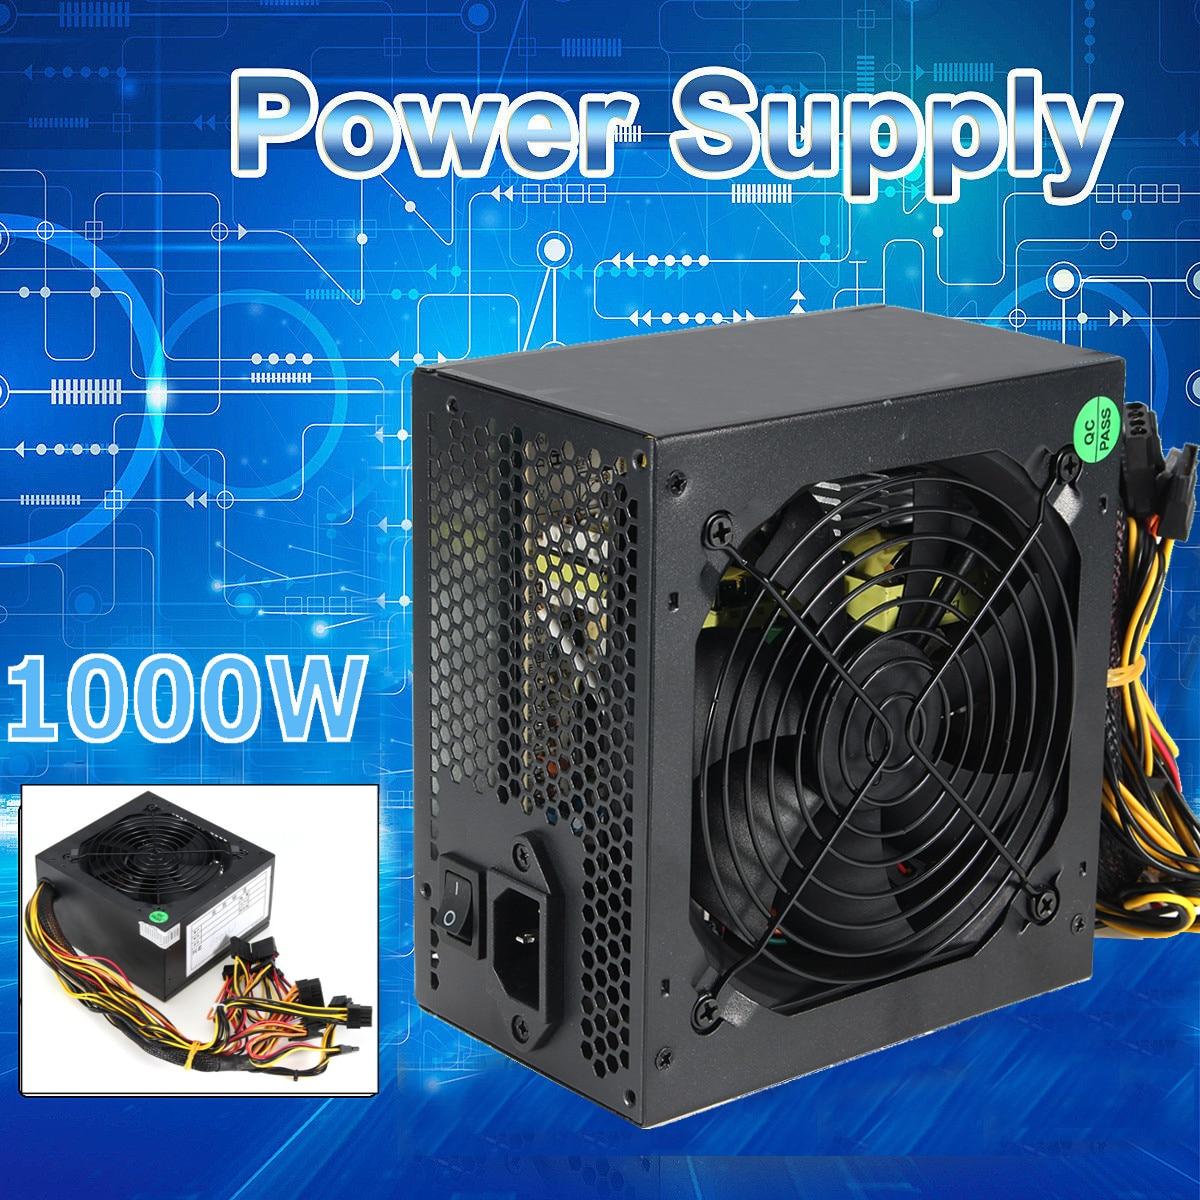 1000 W alimentation 120mm ventilateur actif PFC 80 efficace 2-PCIE ventilateur LED jeu ATX PC alimentation